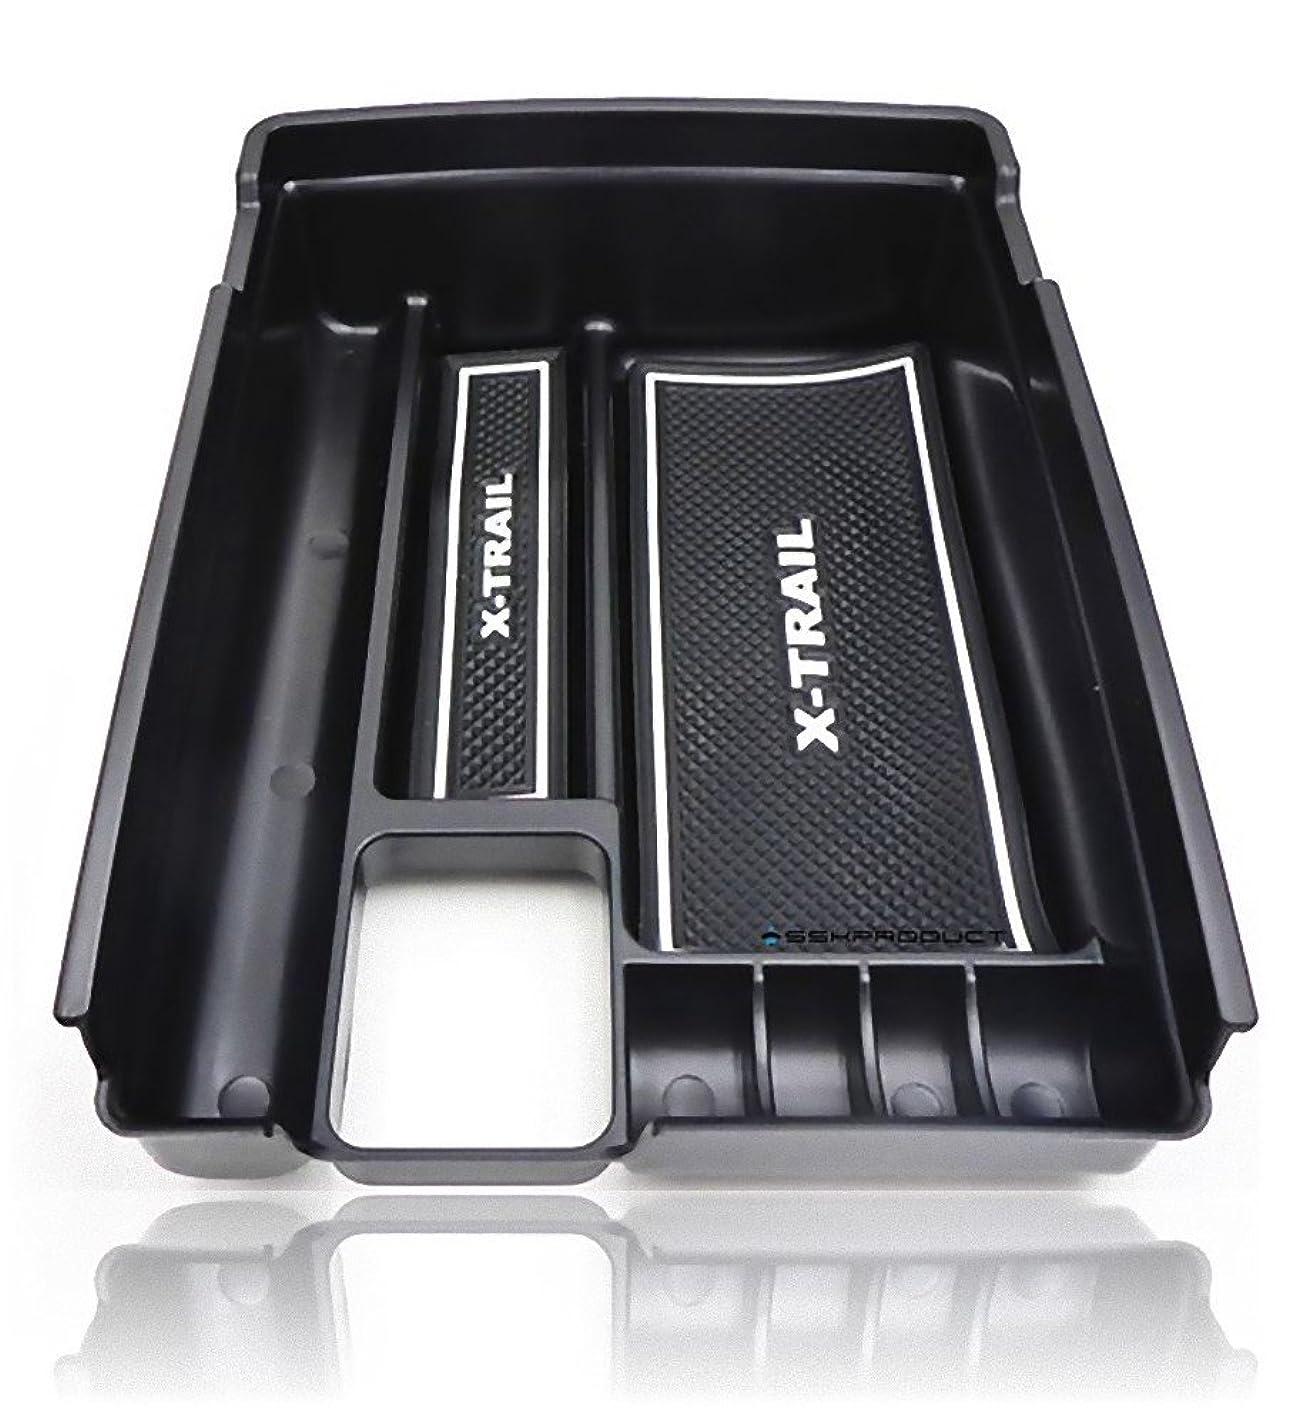 活性化オークションマスクMAZDA マツダ CX-3 CX3 DK系 DK5新型デミオ DJ系 DJ3 DJ5 アームレスト コンソール ボックッス 多機能 小物入れ ドリンクホルダー (標準版ブラック)